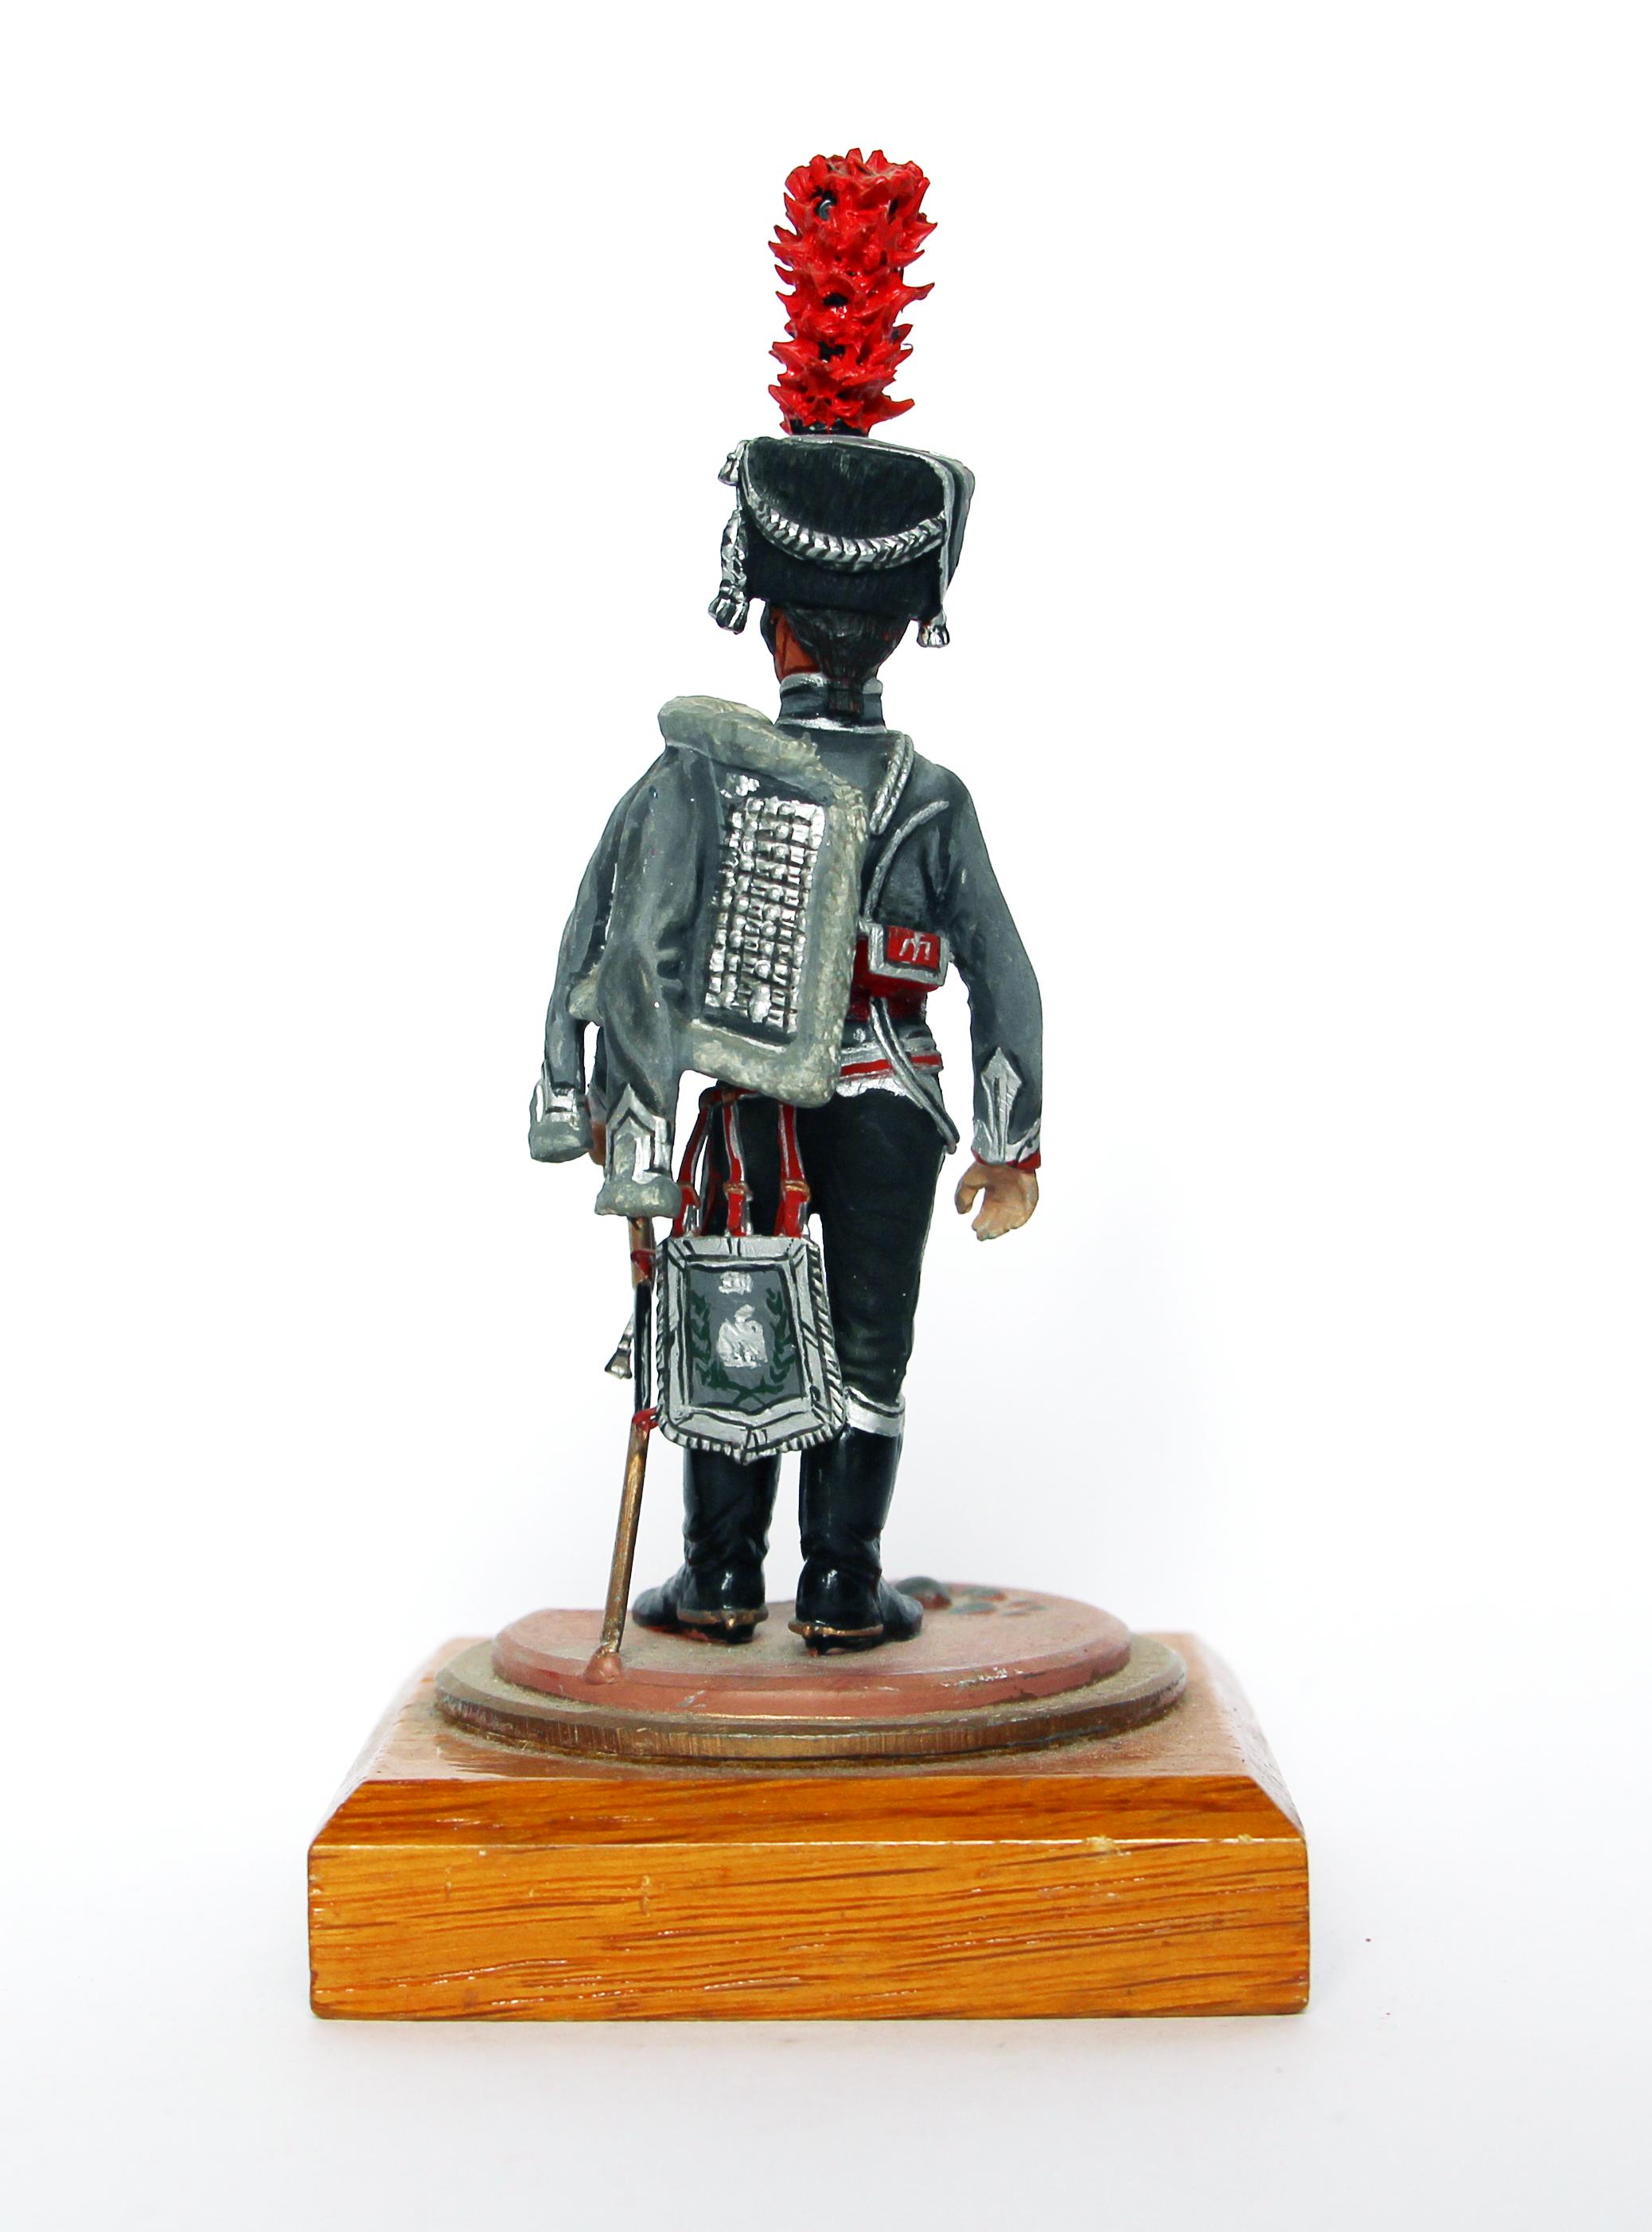 Figurine Series 77 - Peinture collectionneur - Hussard 3em Régiment - 1er Empire 1810 - Officier - Compagnie d'Elite